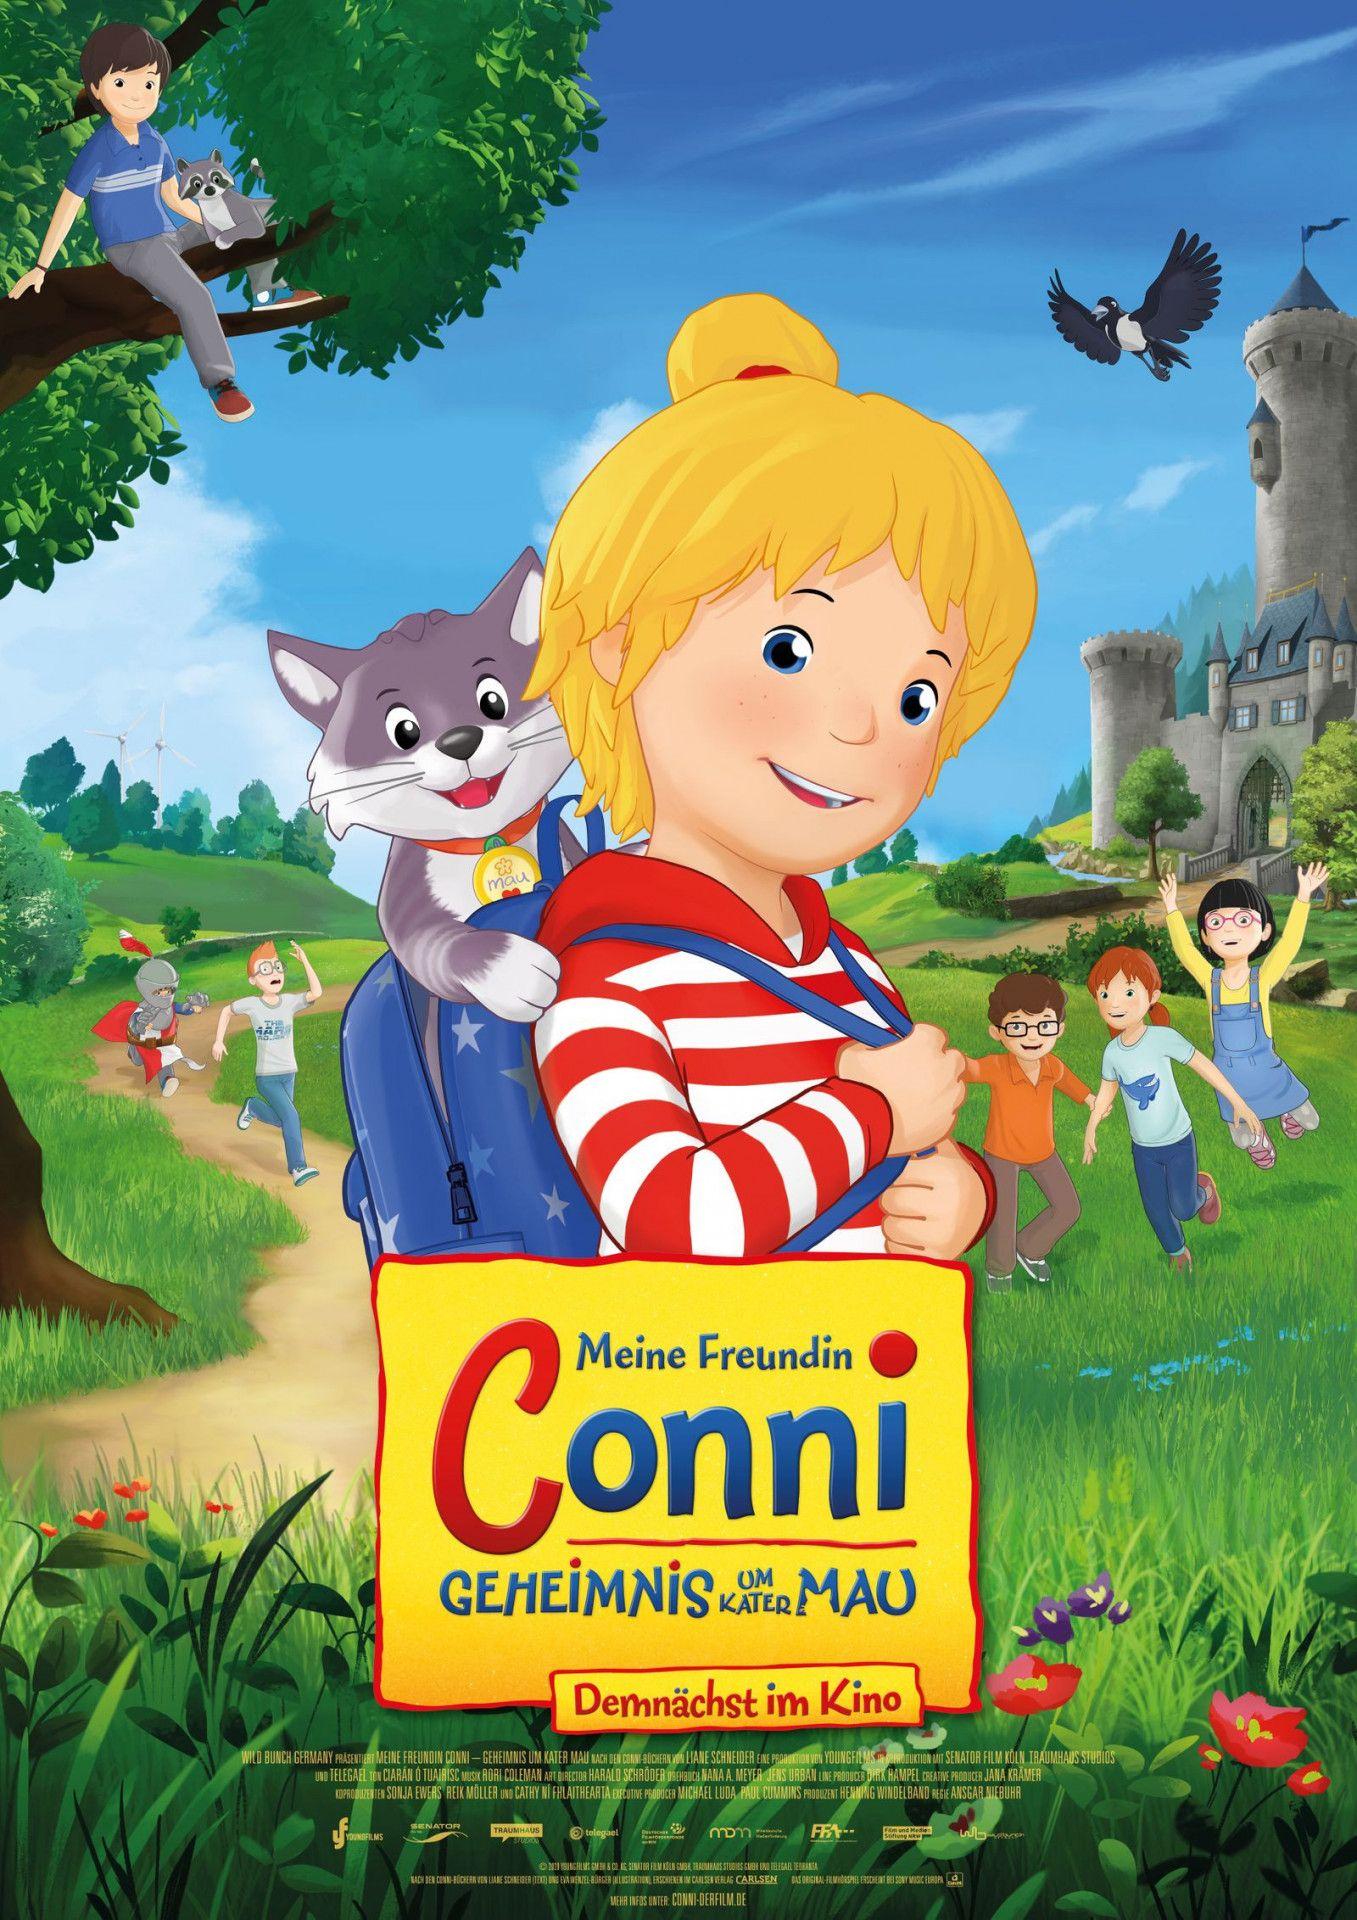 Conni ist zum ersten Mal mit dem Kindergarten zu einer Übernachtung in der Nähe einer alten Burg unterwegs und erlebt dabei ein Abenteuer.